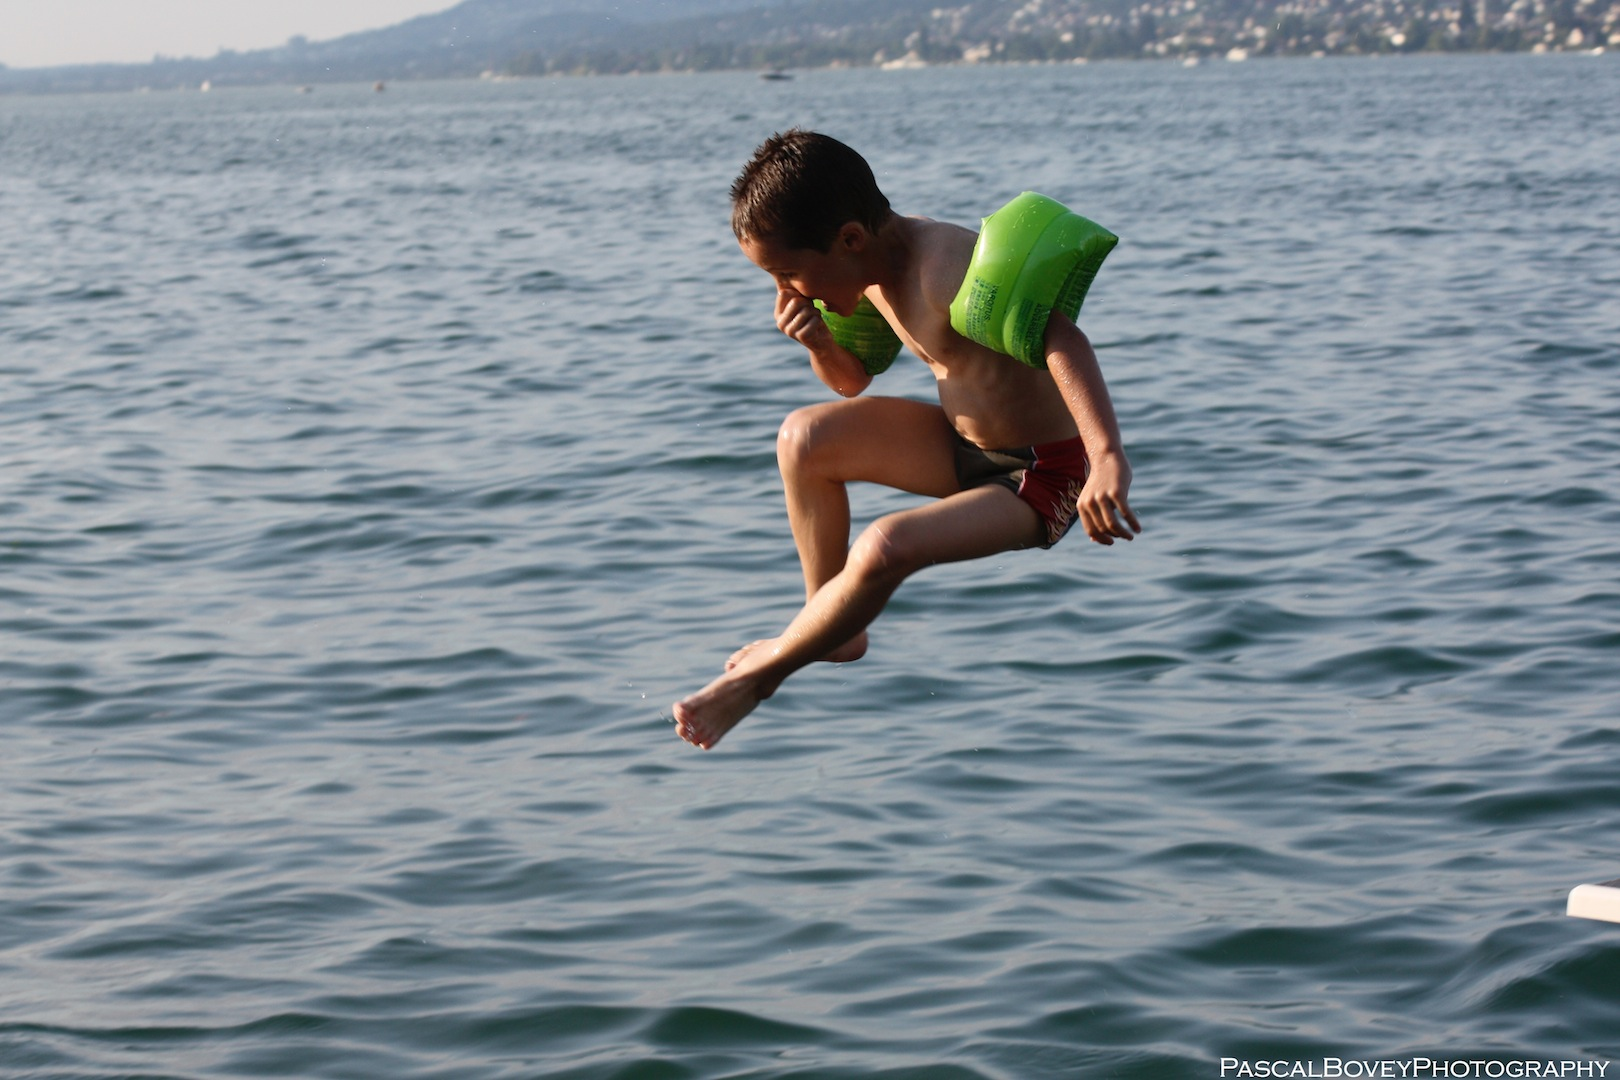 Lake of Zürich